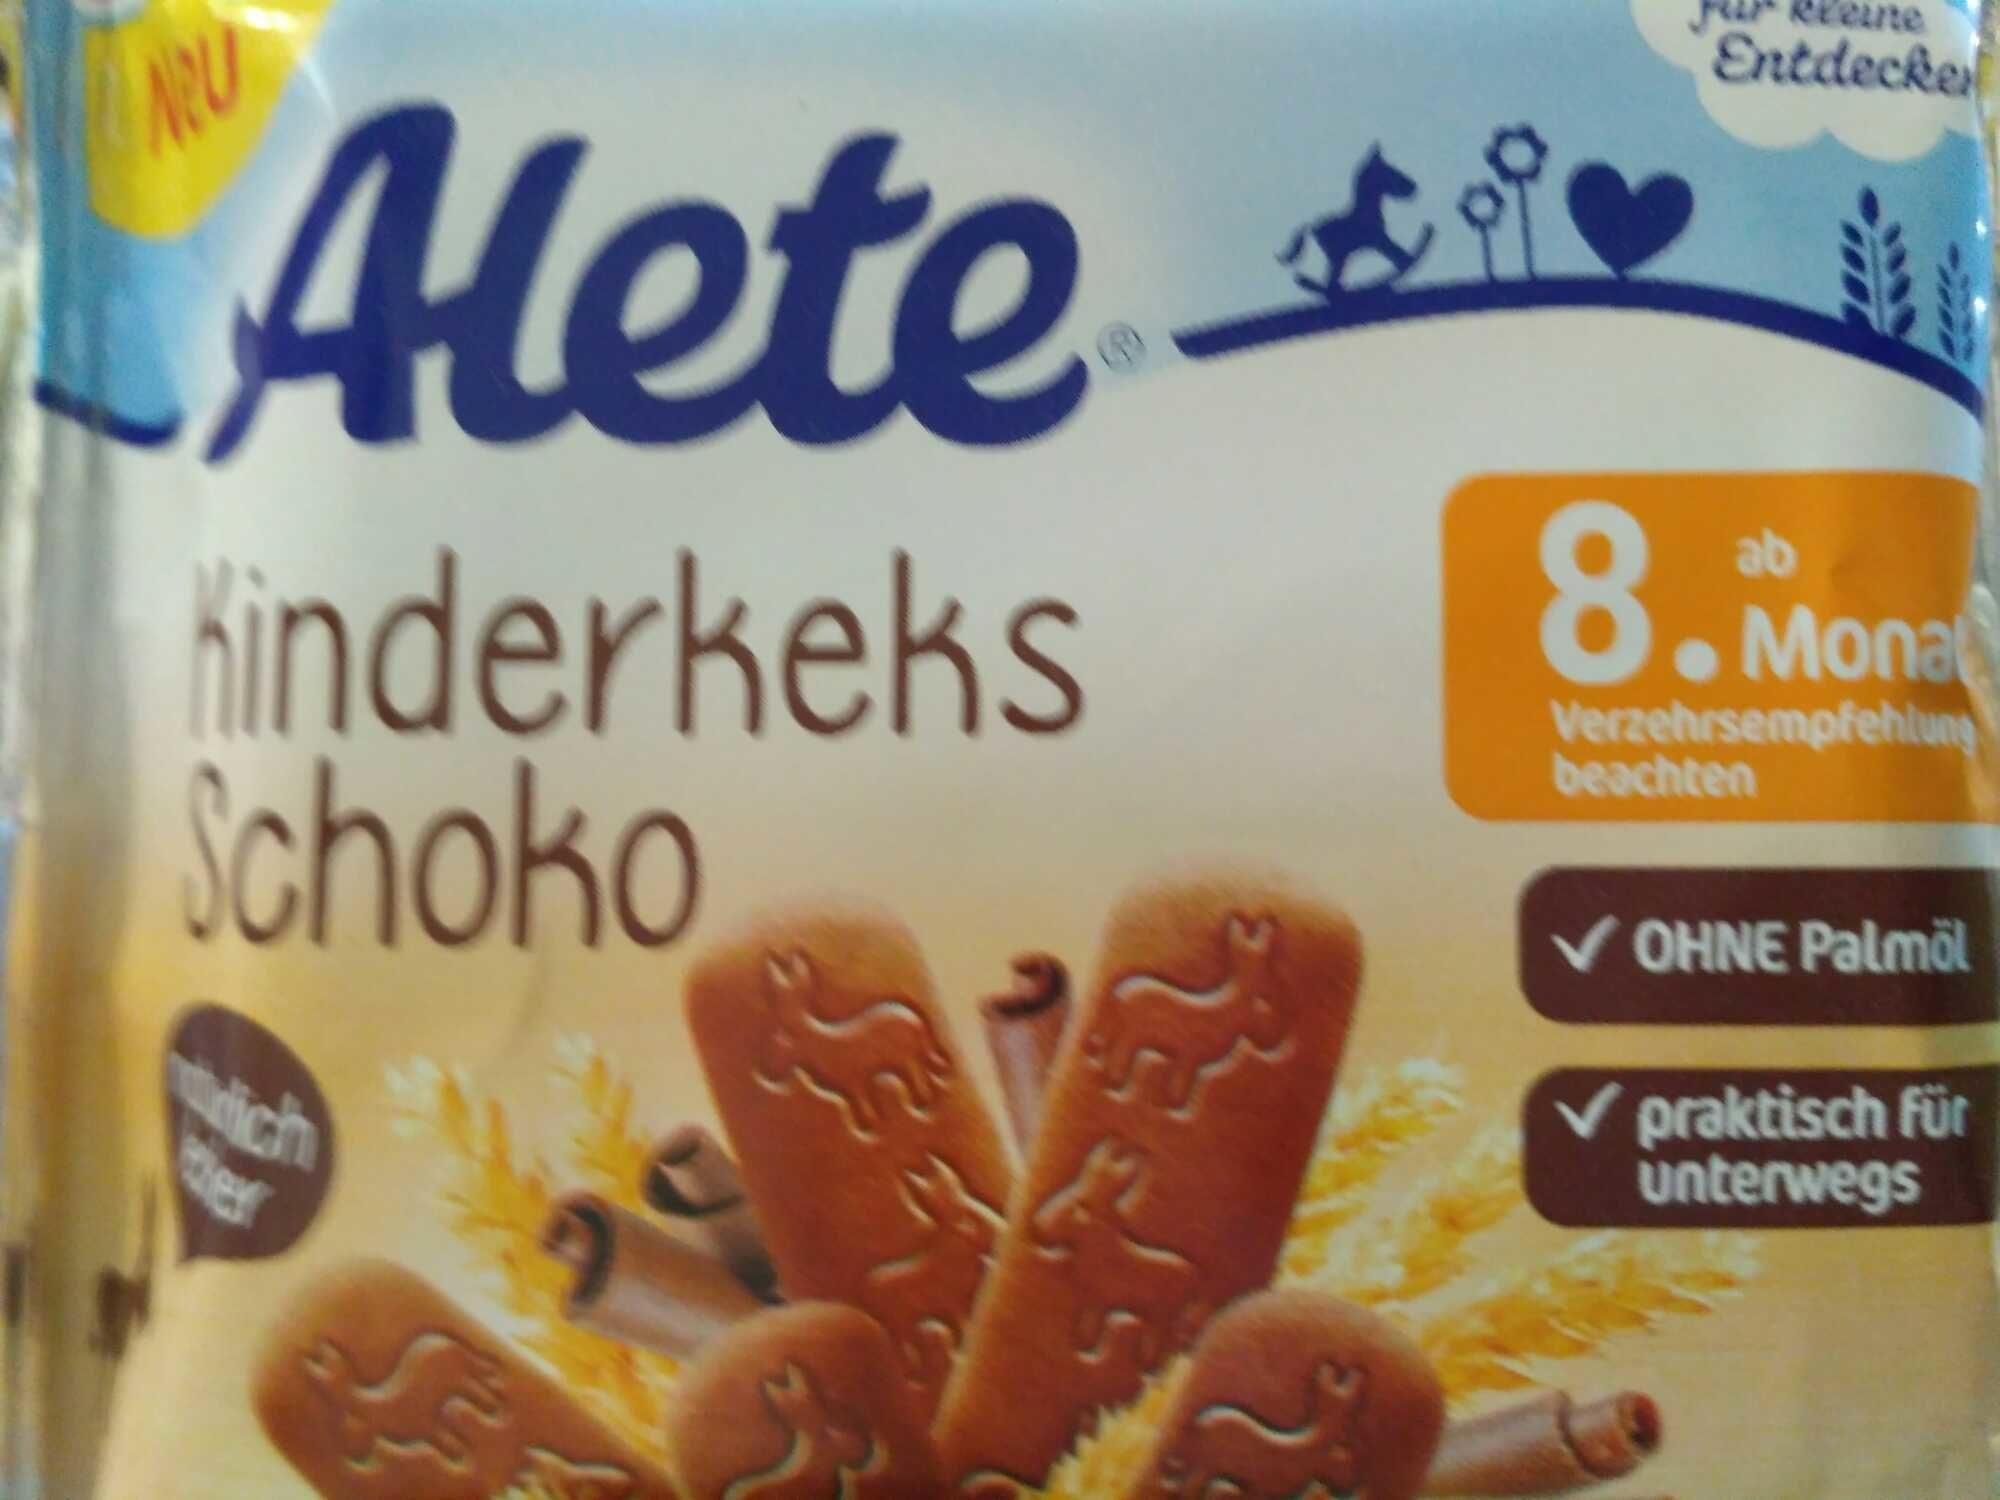 Alete Kinderkeks Schoko - Produkt - de